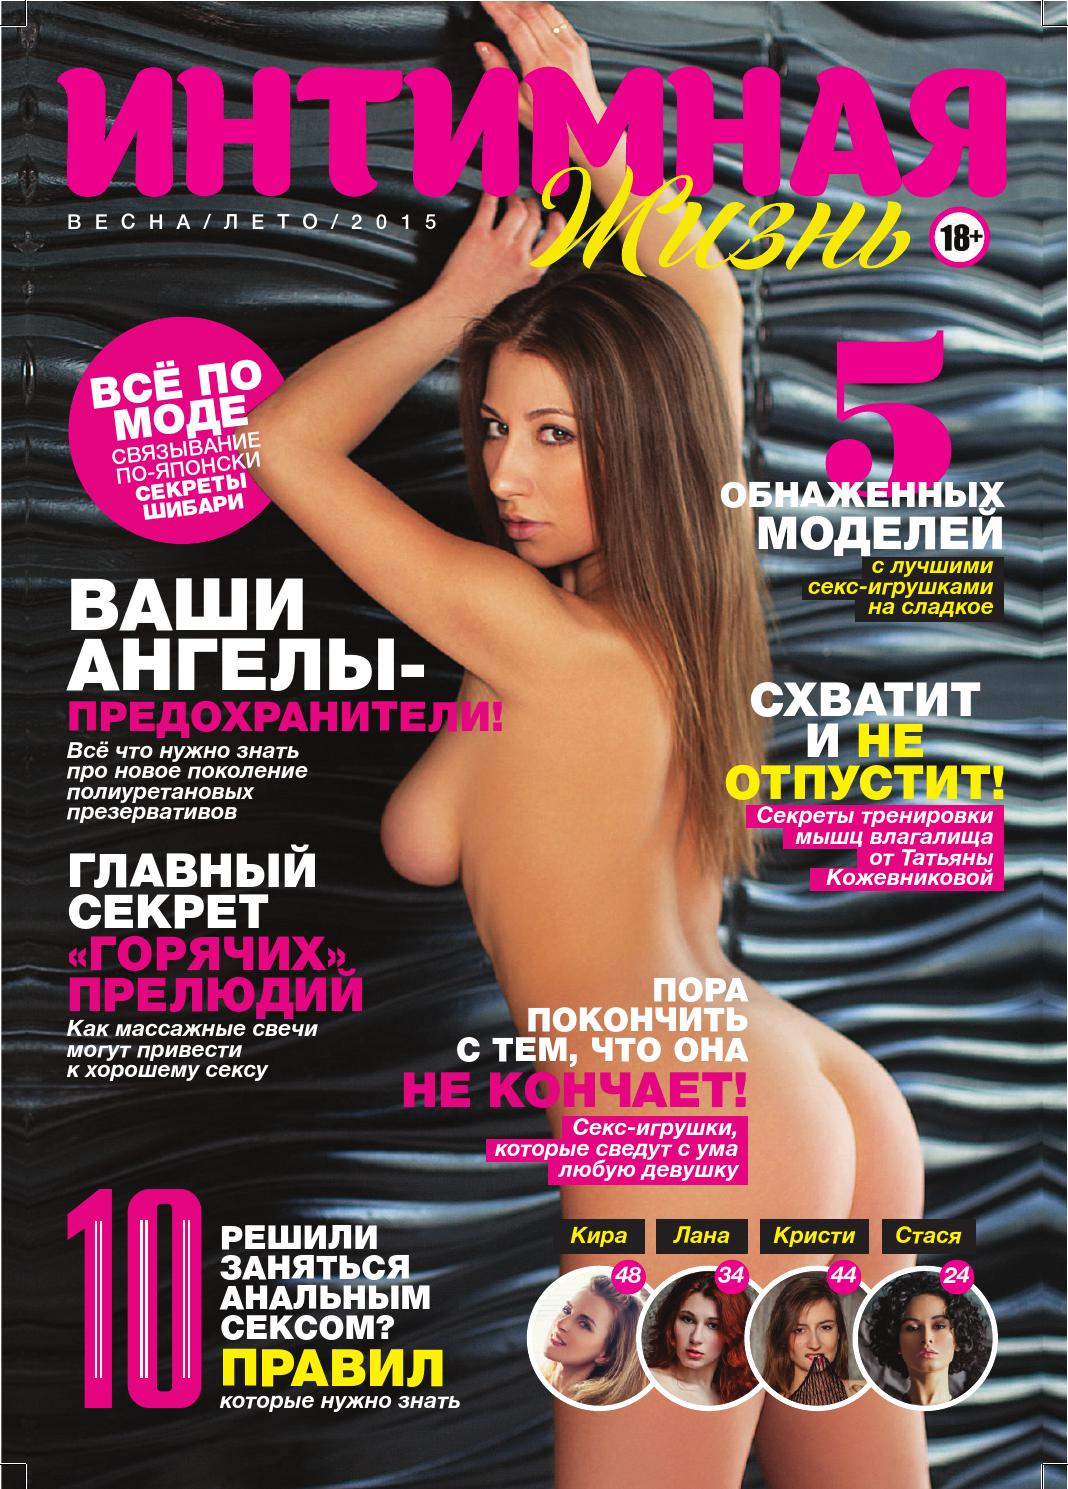 Смотреть фото в эротических журналах 7 фотография